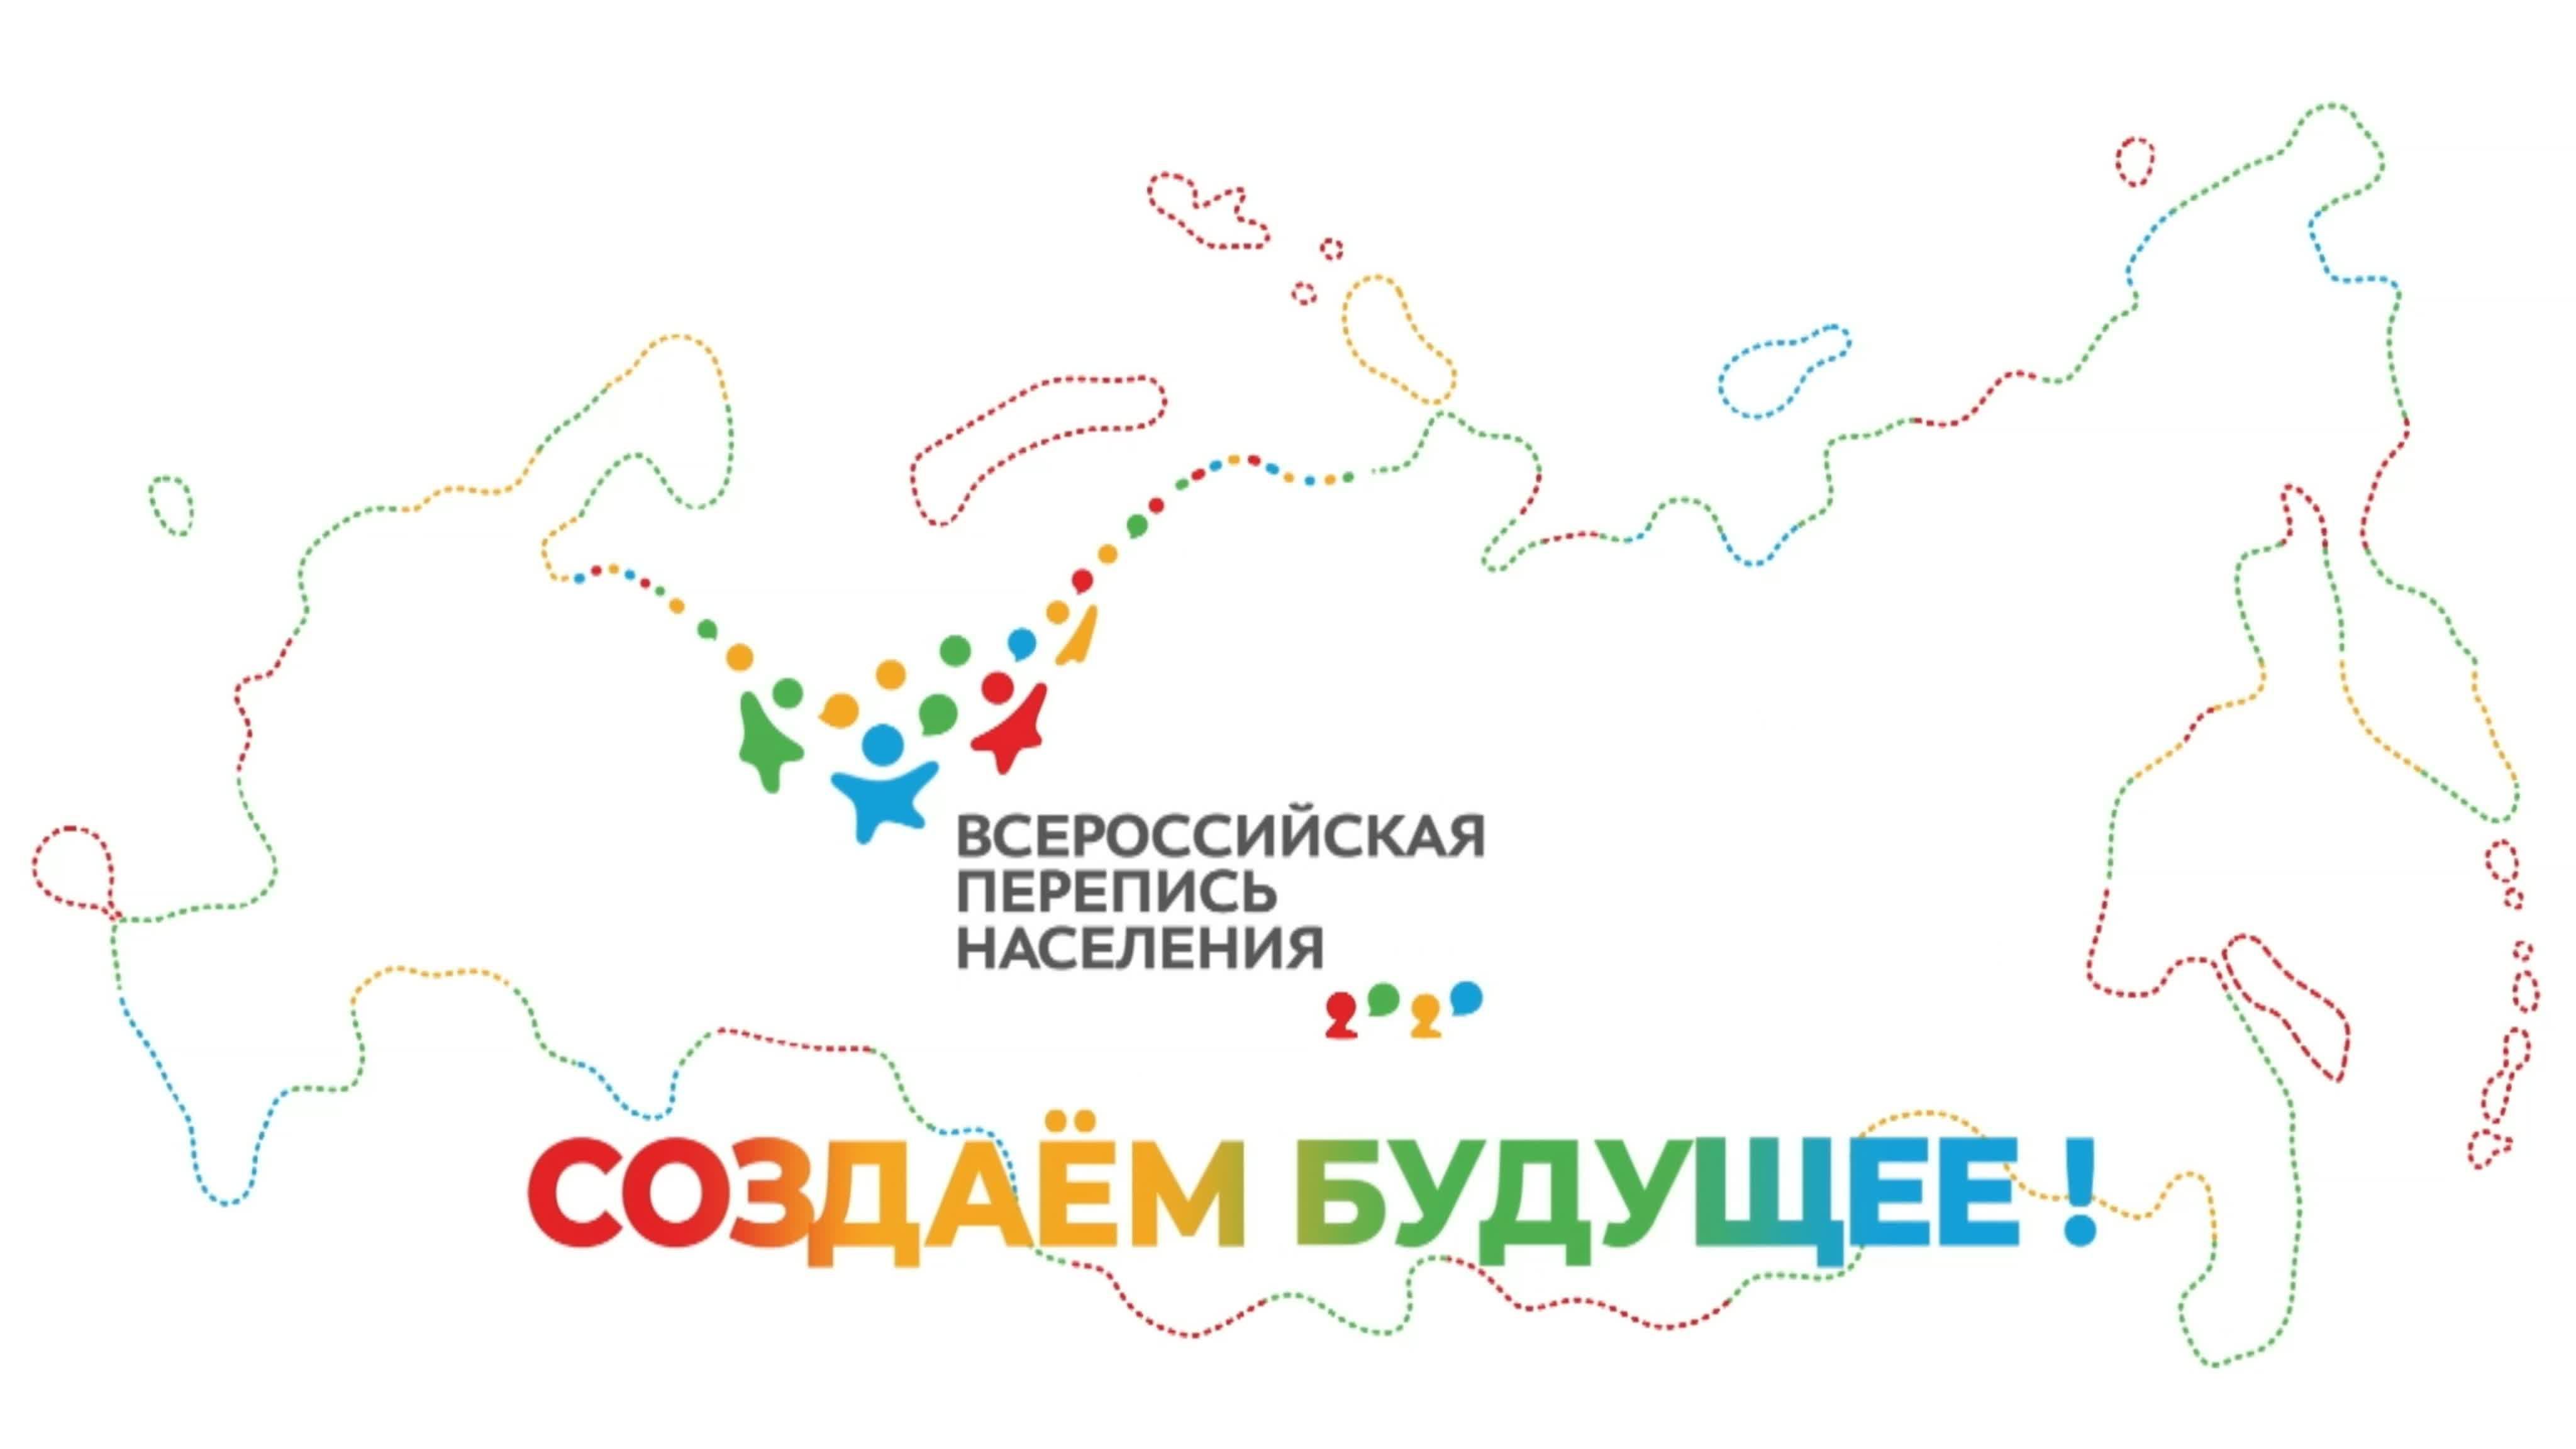 Участие во Всероссийской переписи населения - очень простой, но очень важный поступок!